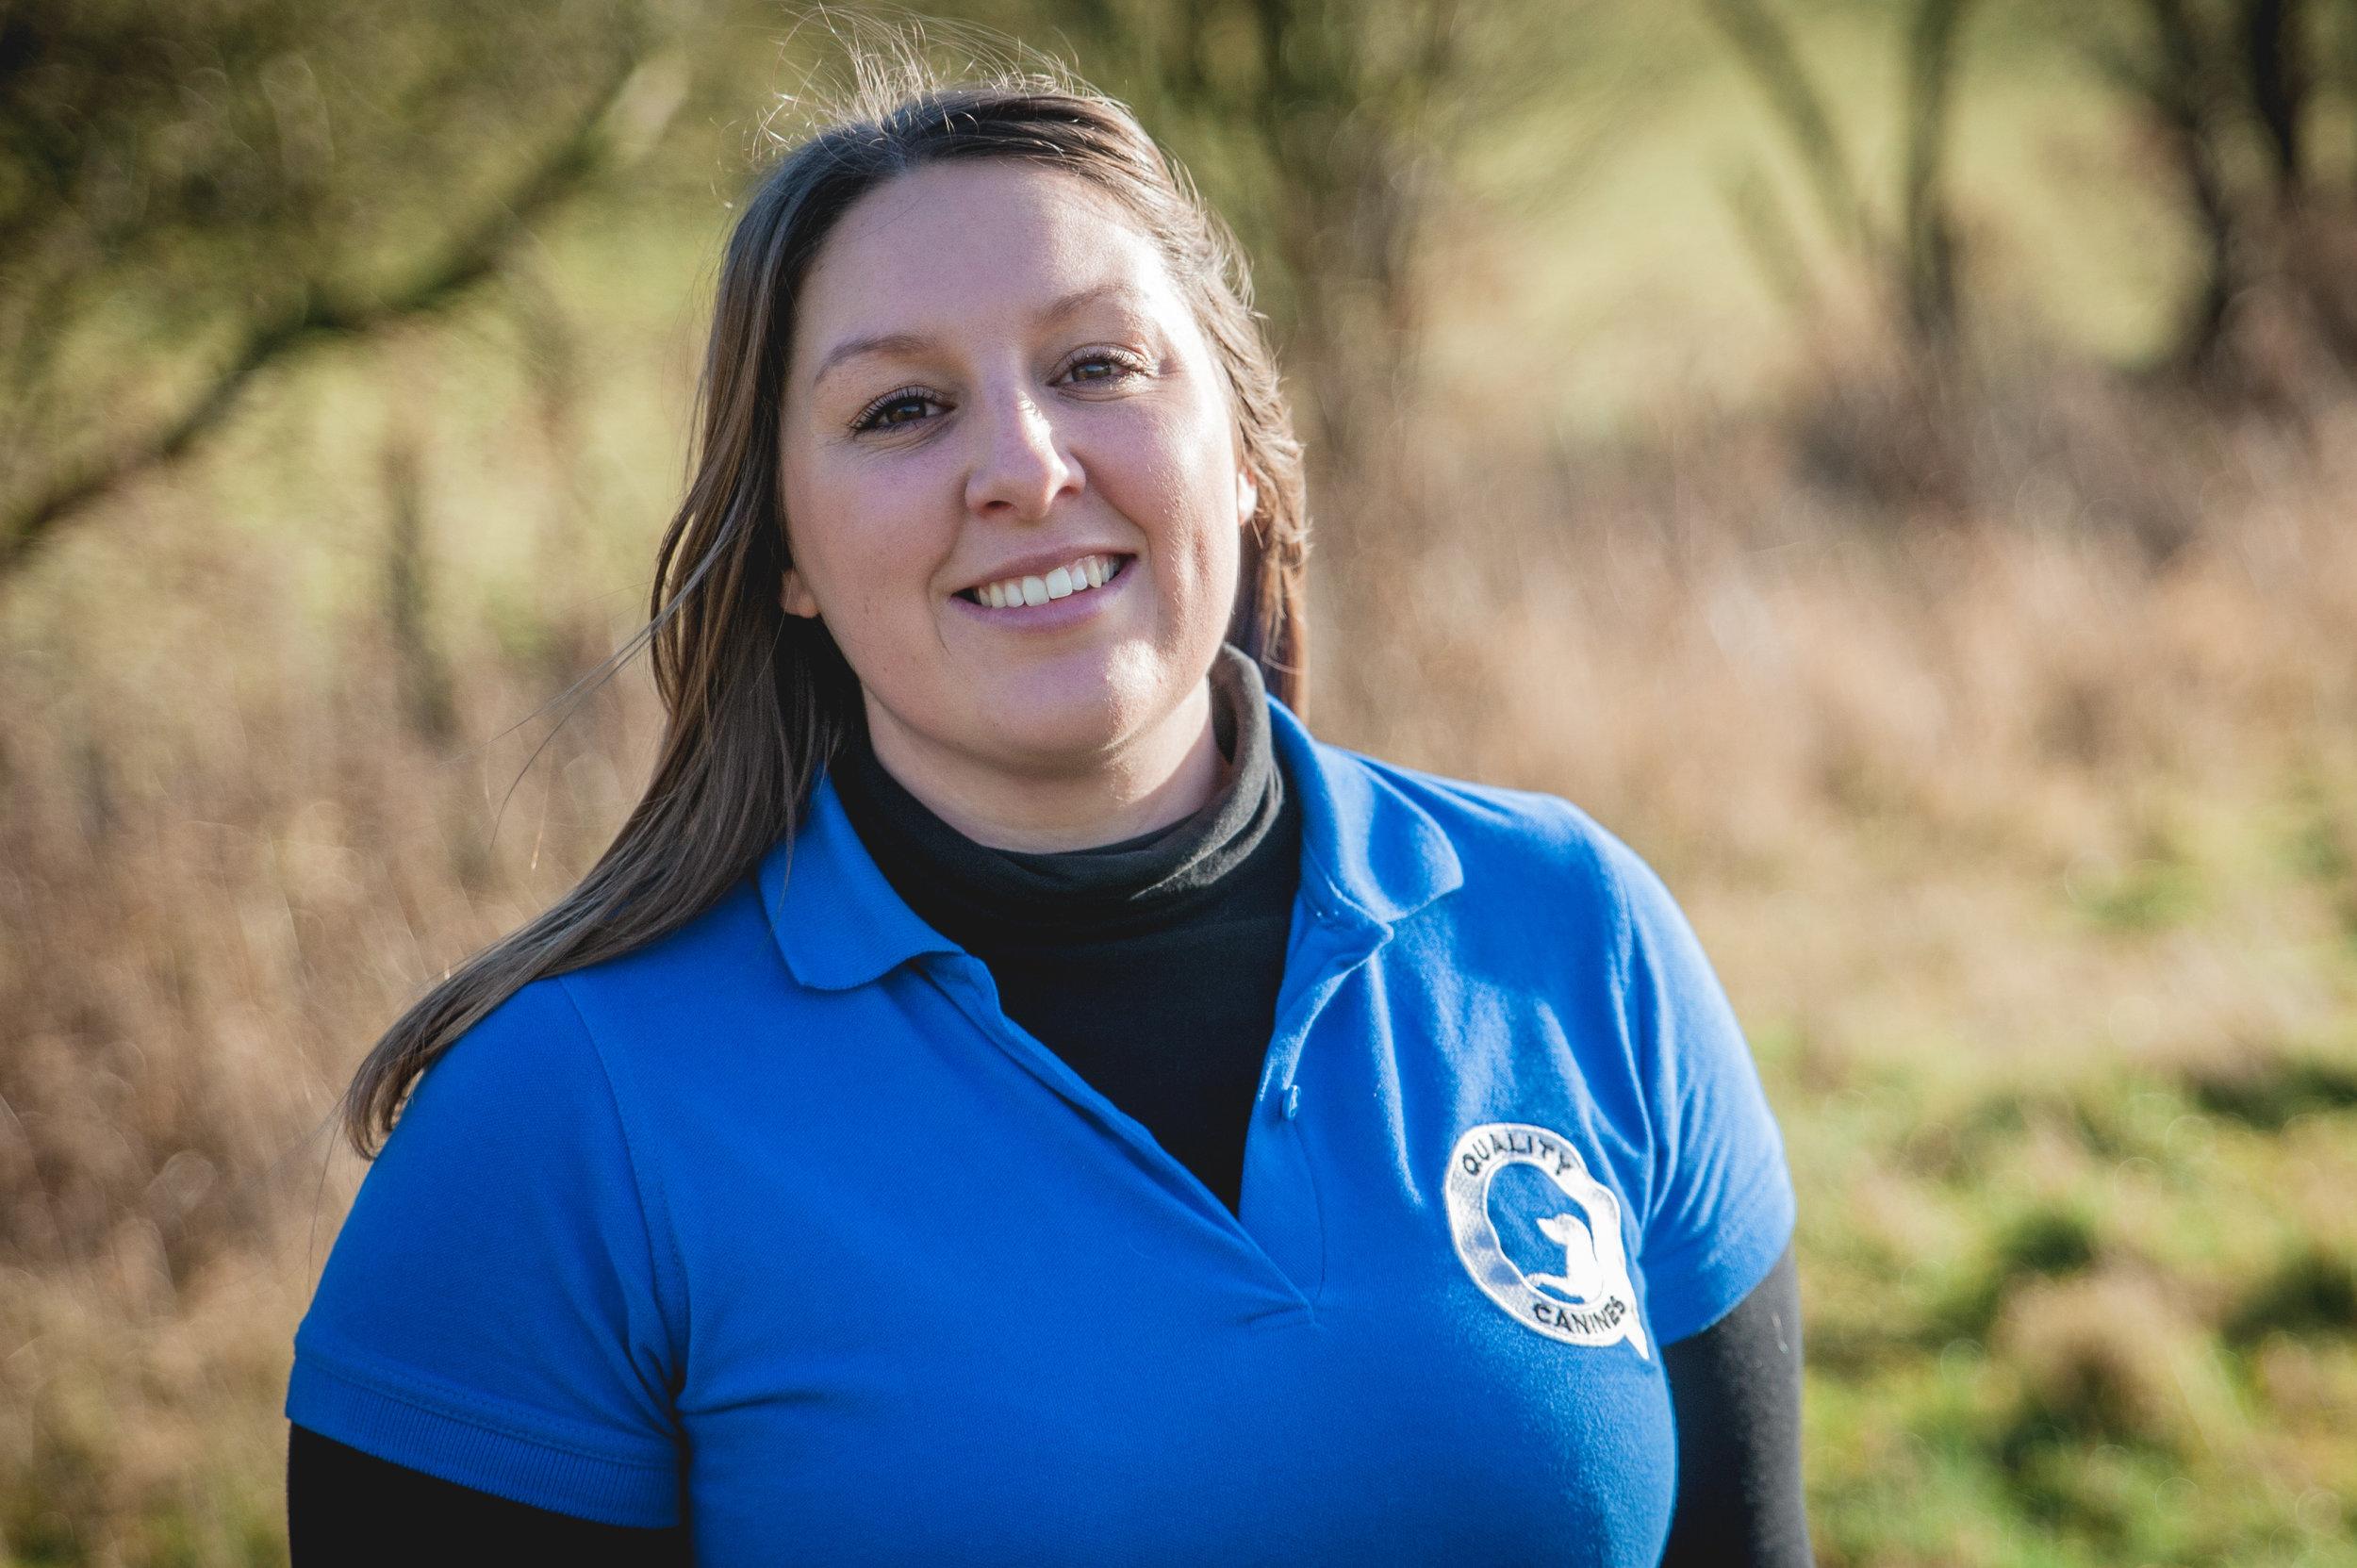 Natalie - Trainer and Behaviour Consultant.